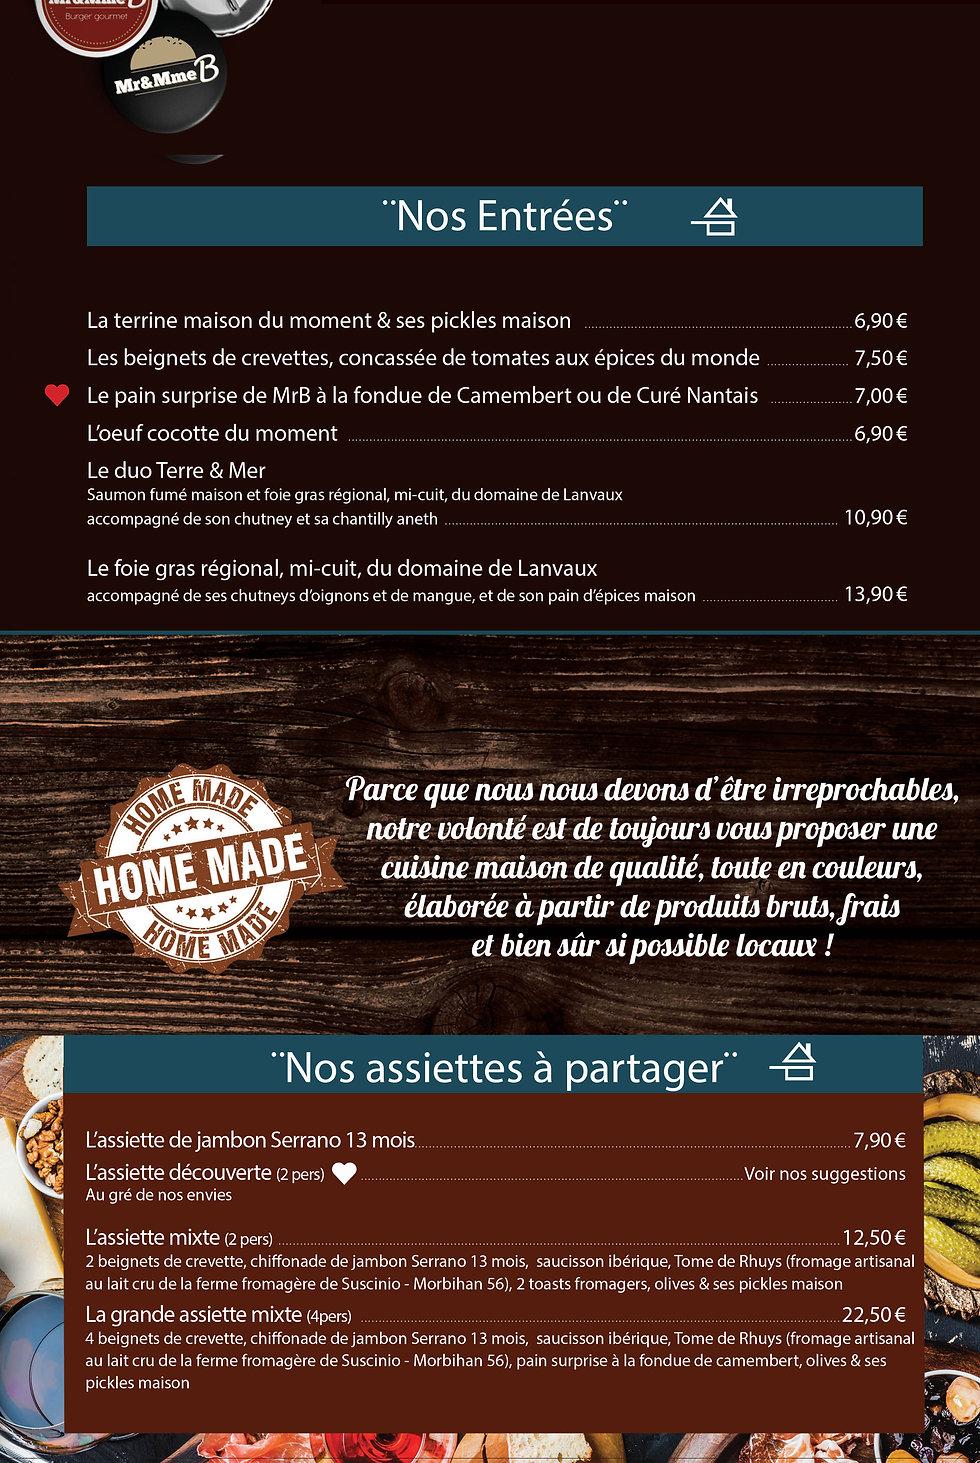 Brasserie Mr&Mme B - Savenay- Les entrées